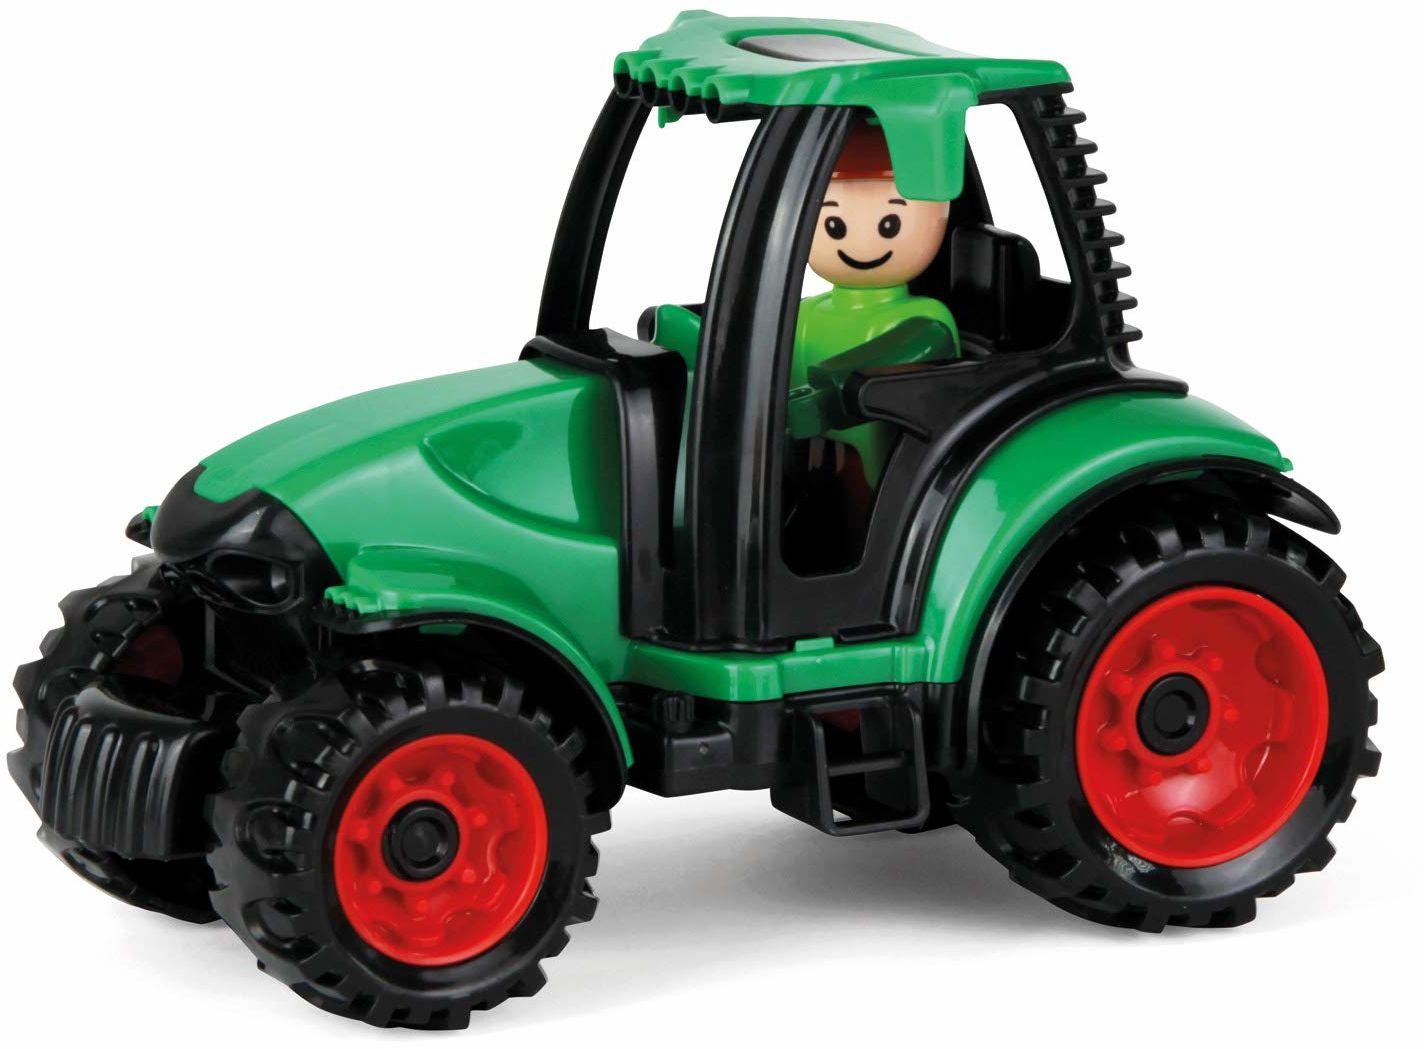 Lena 01624 - traktor, stabilny pojazd dziecięcy ok. 17 cm długości, mały pojazd dla dzieci od 2 lat, wytrzymały pojazd do piaskownicy, na plażę i do pokoju dziecięcego